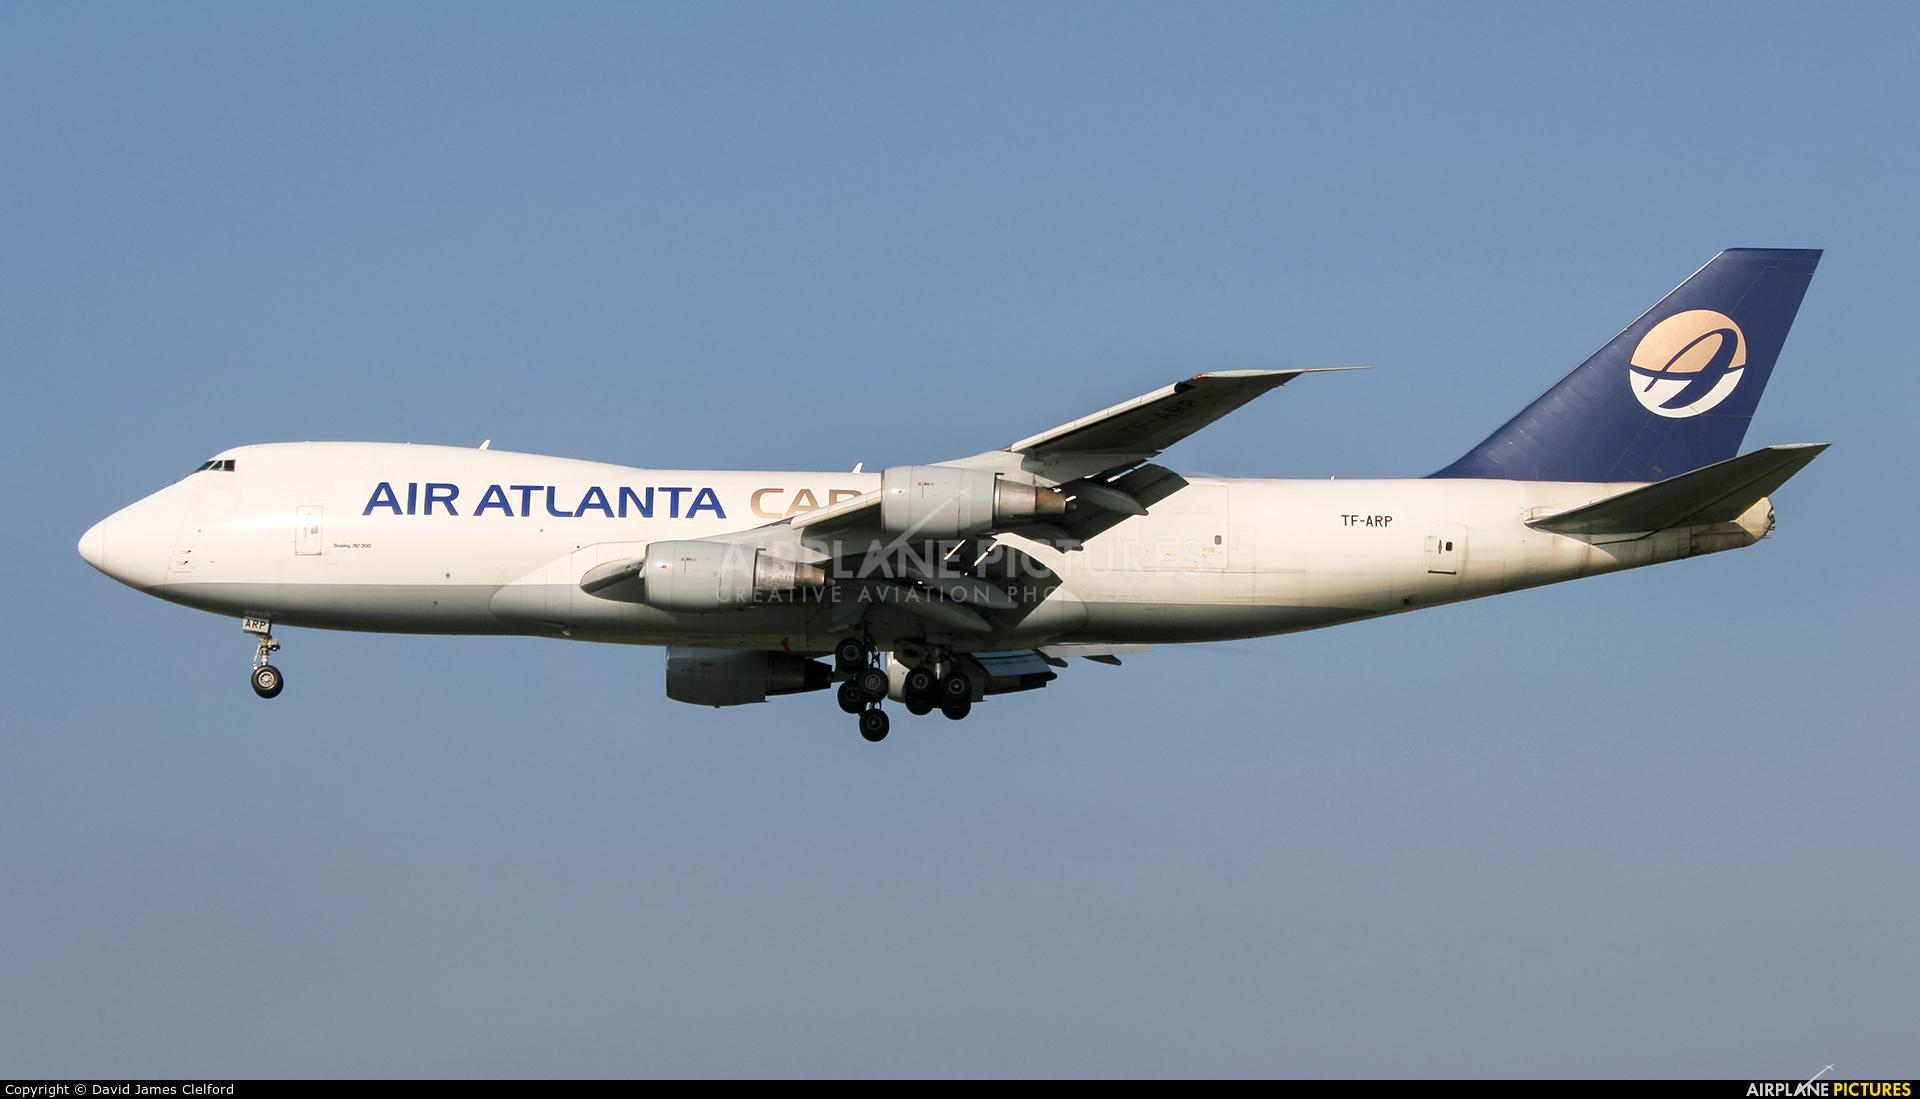 Air Atlanta Cargo TF-ARP aircraft at Frankfurt